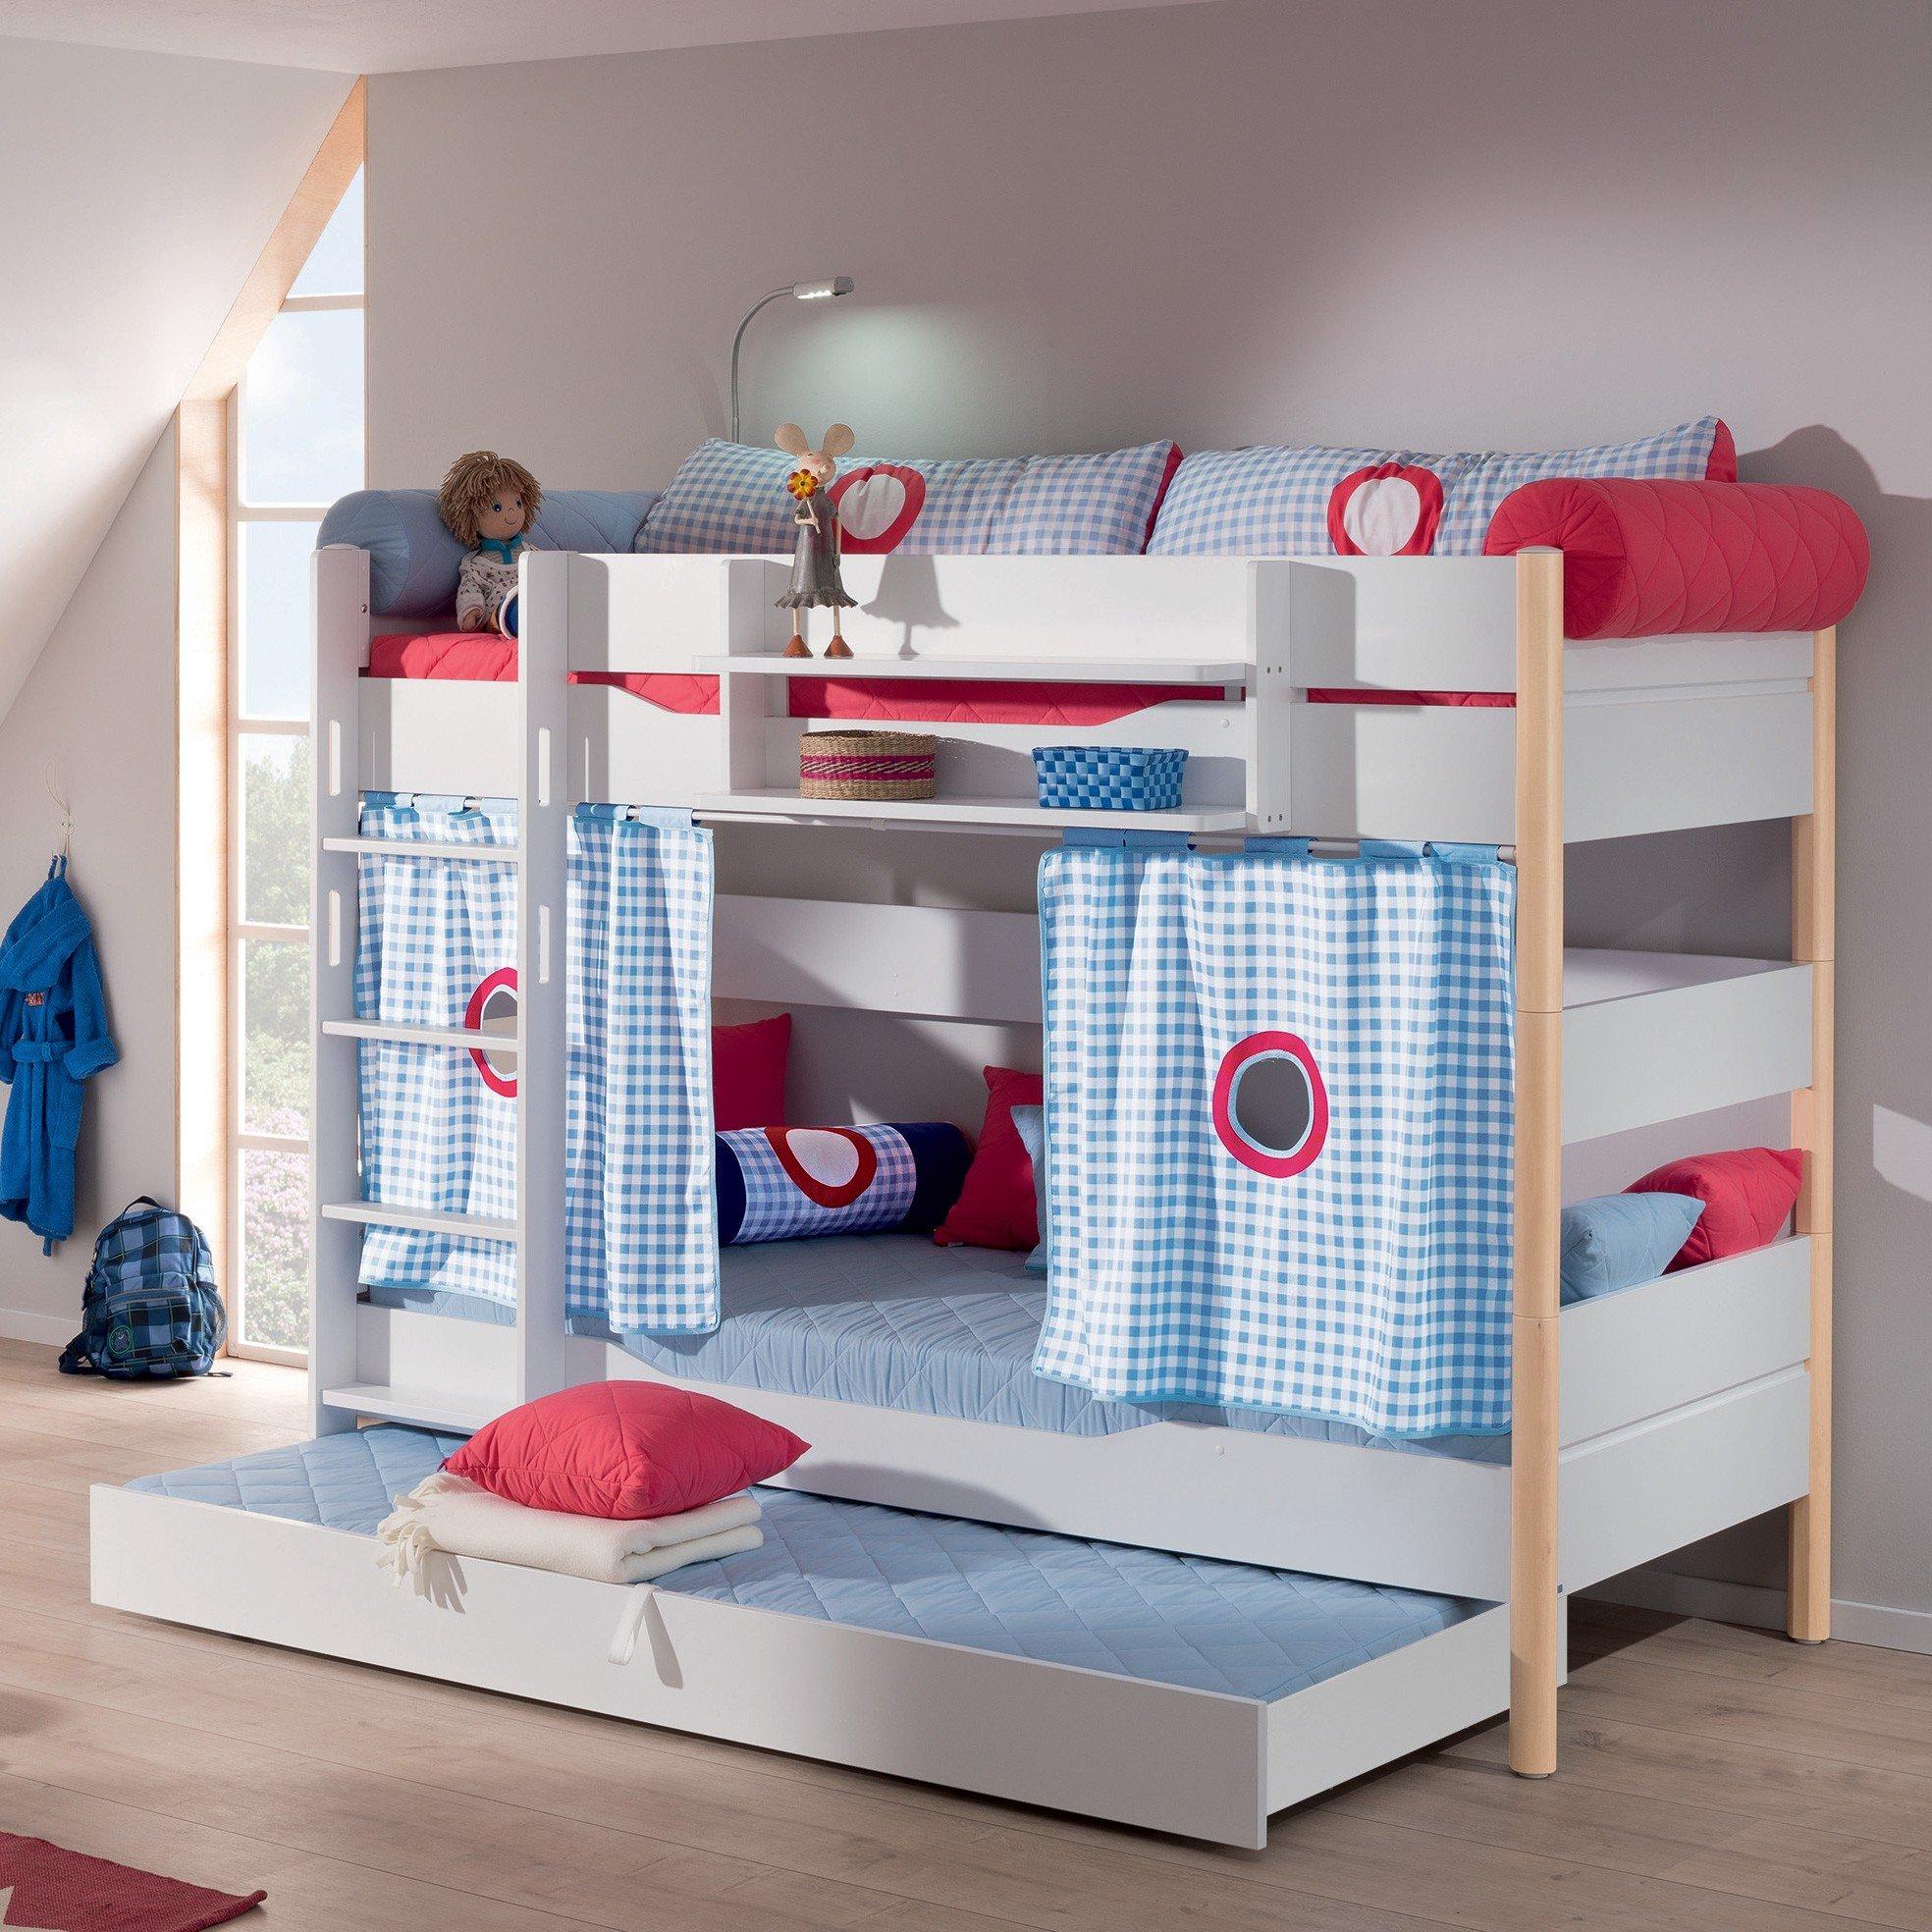 paidi ylvie etagenbett mit 160 cm höhe in kreideweiß/birke im, Hause deko